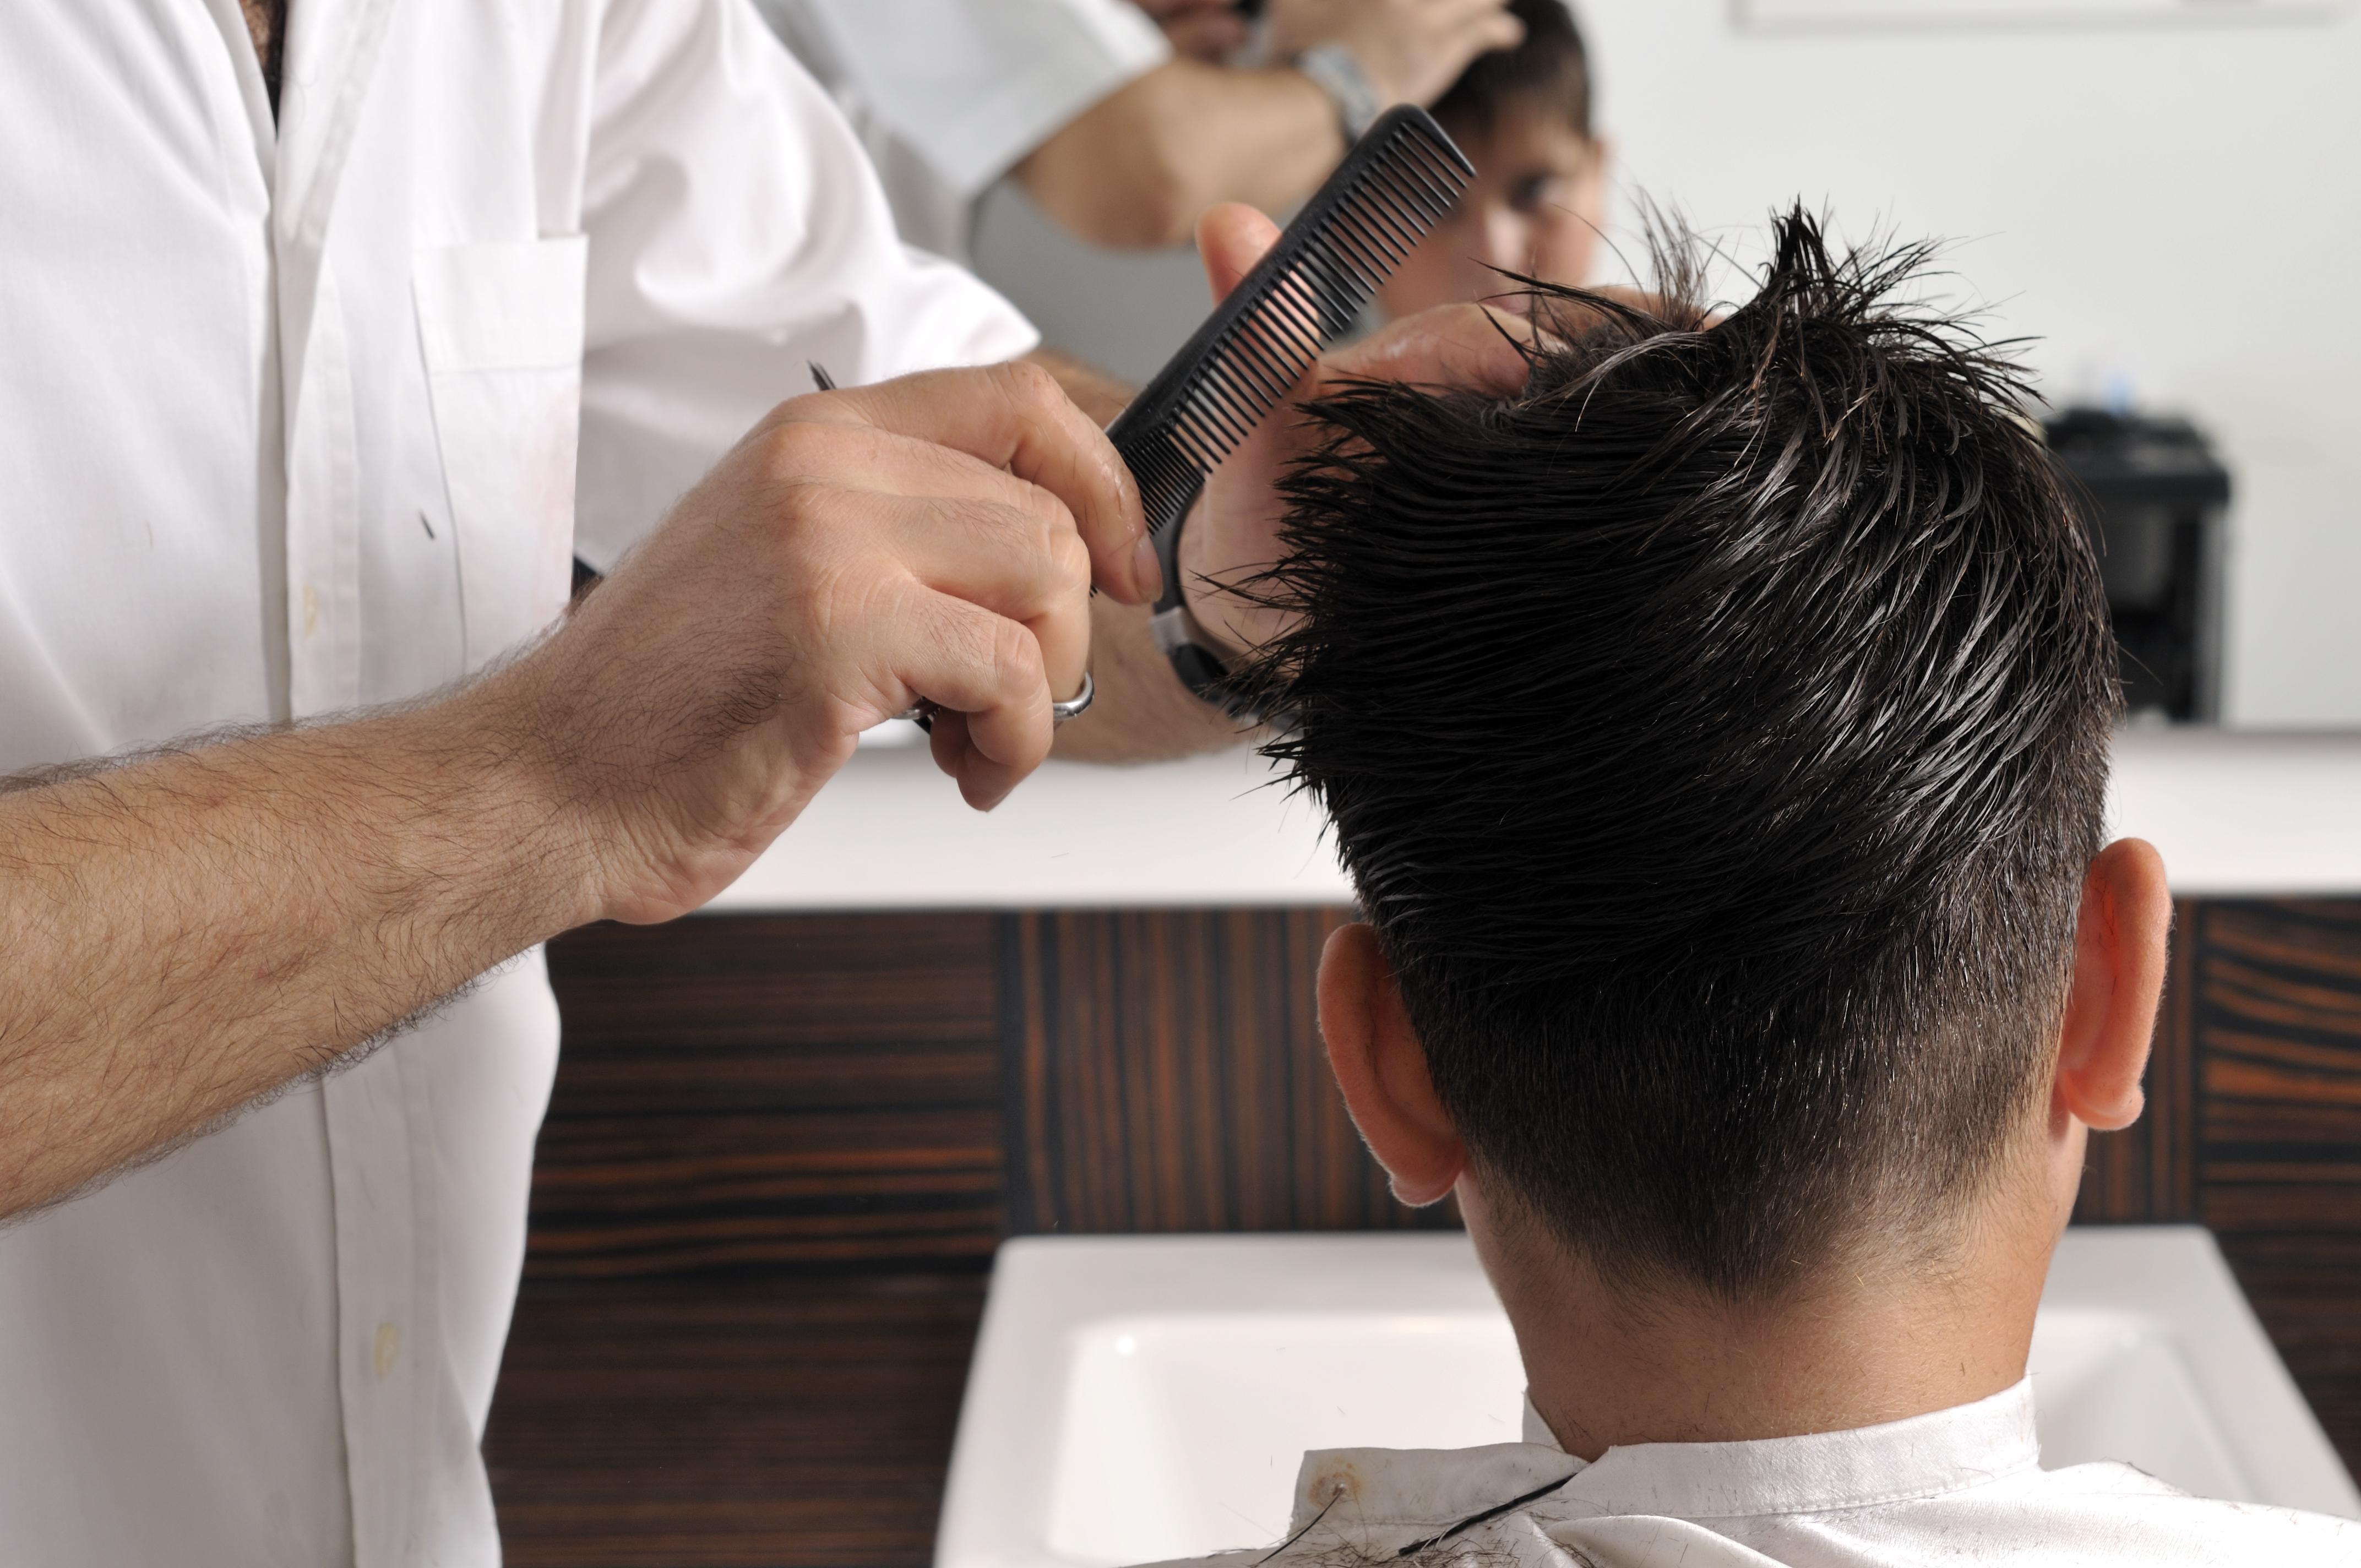 Зачіски для хлопчиків 11 років: найцікавіші варіанти